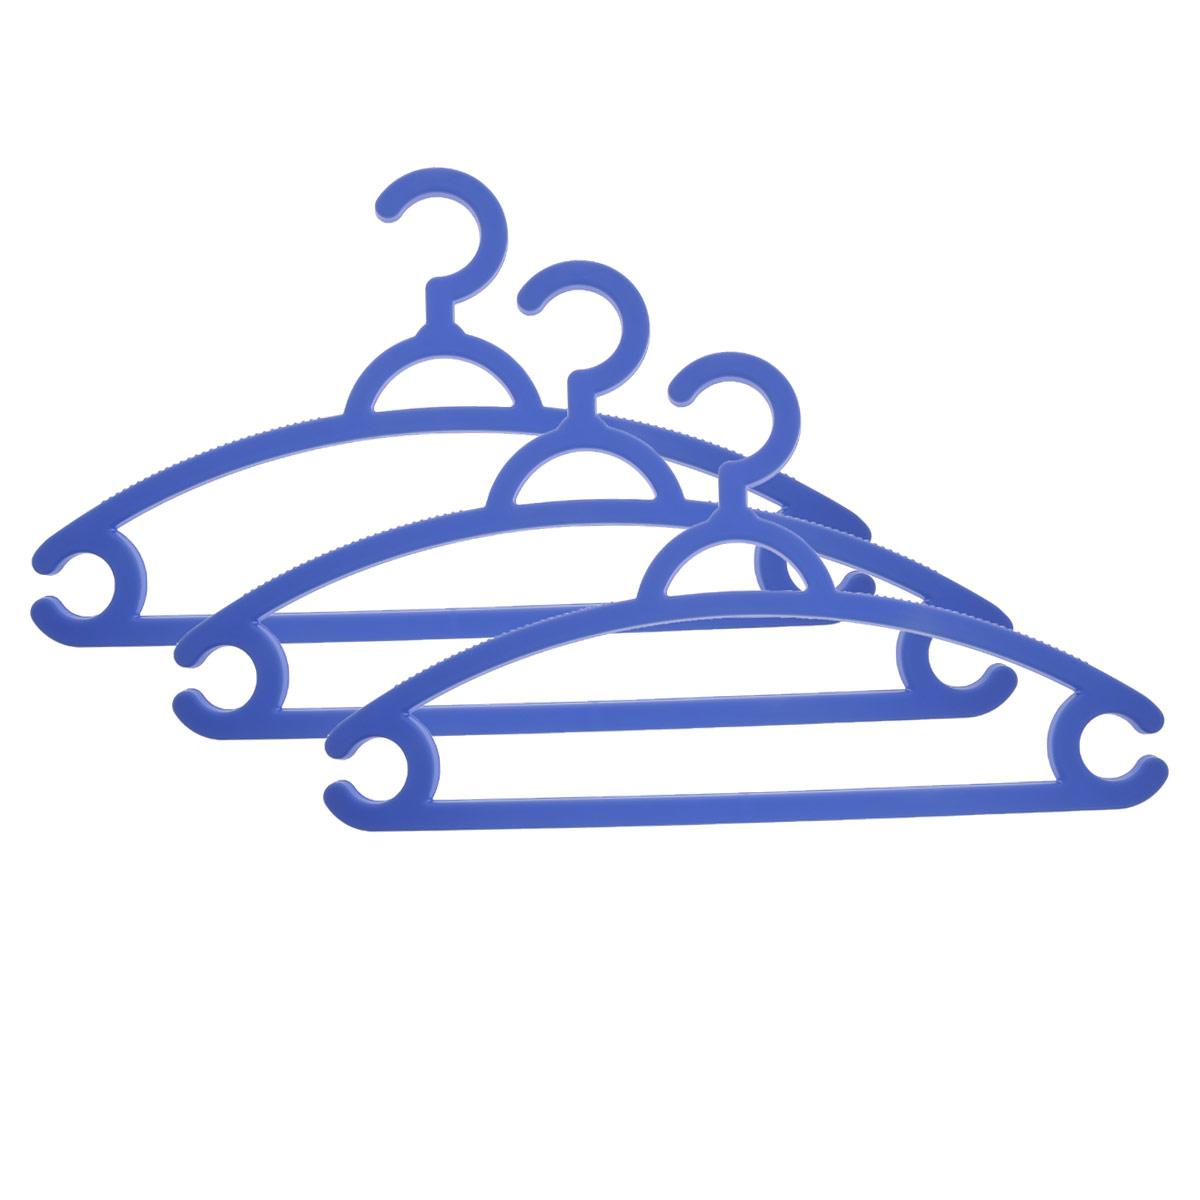 Набор вешалок для легкой одежды М-пластика, цвет: голубой, 3 шт набор вешалок для одежды home queen цветы цвет голубой белый 3 шт